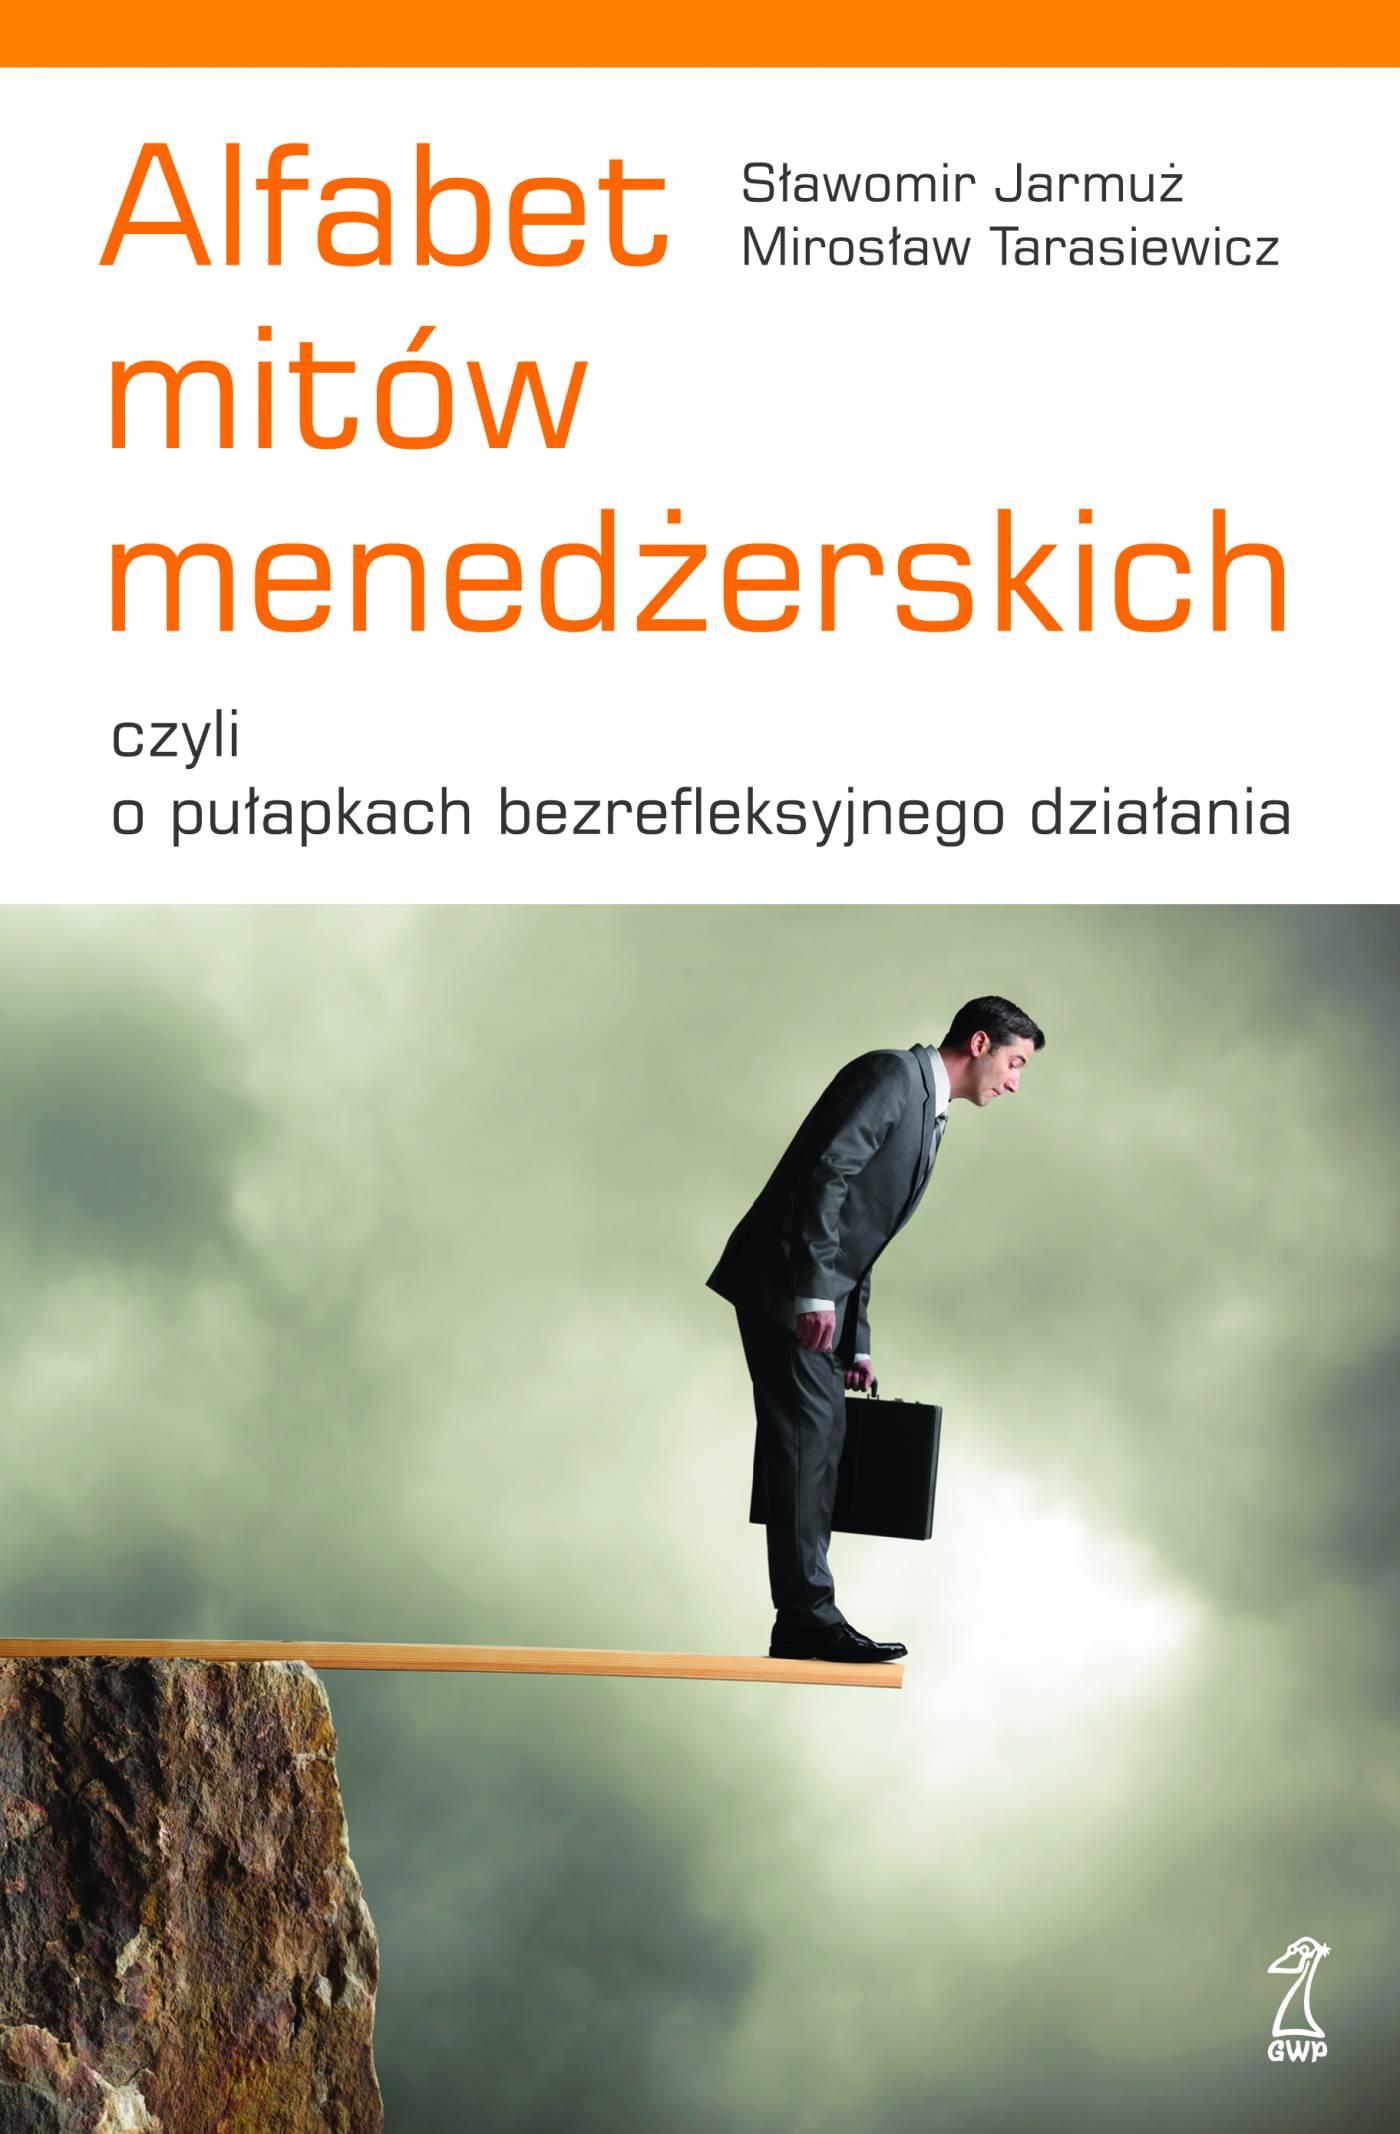 Alfabet mitów menedżerskich, czyli o pułapkach bezrefleksyjnego działania - Ebook (Książka EPUB) do pobrania w formacie EPUB